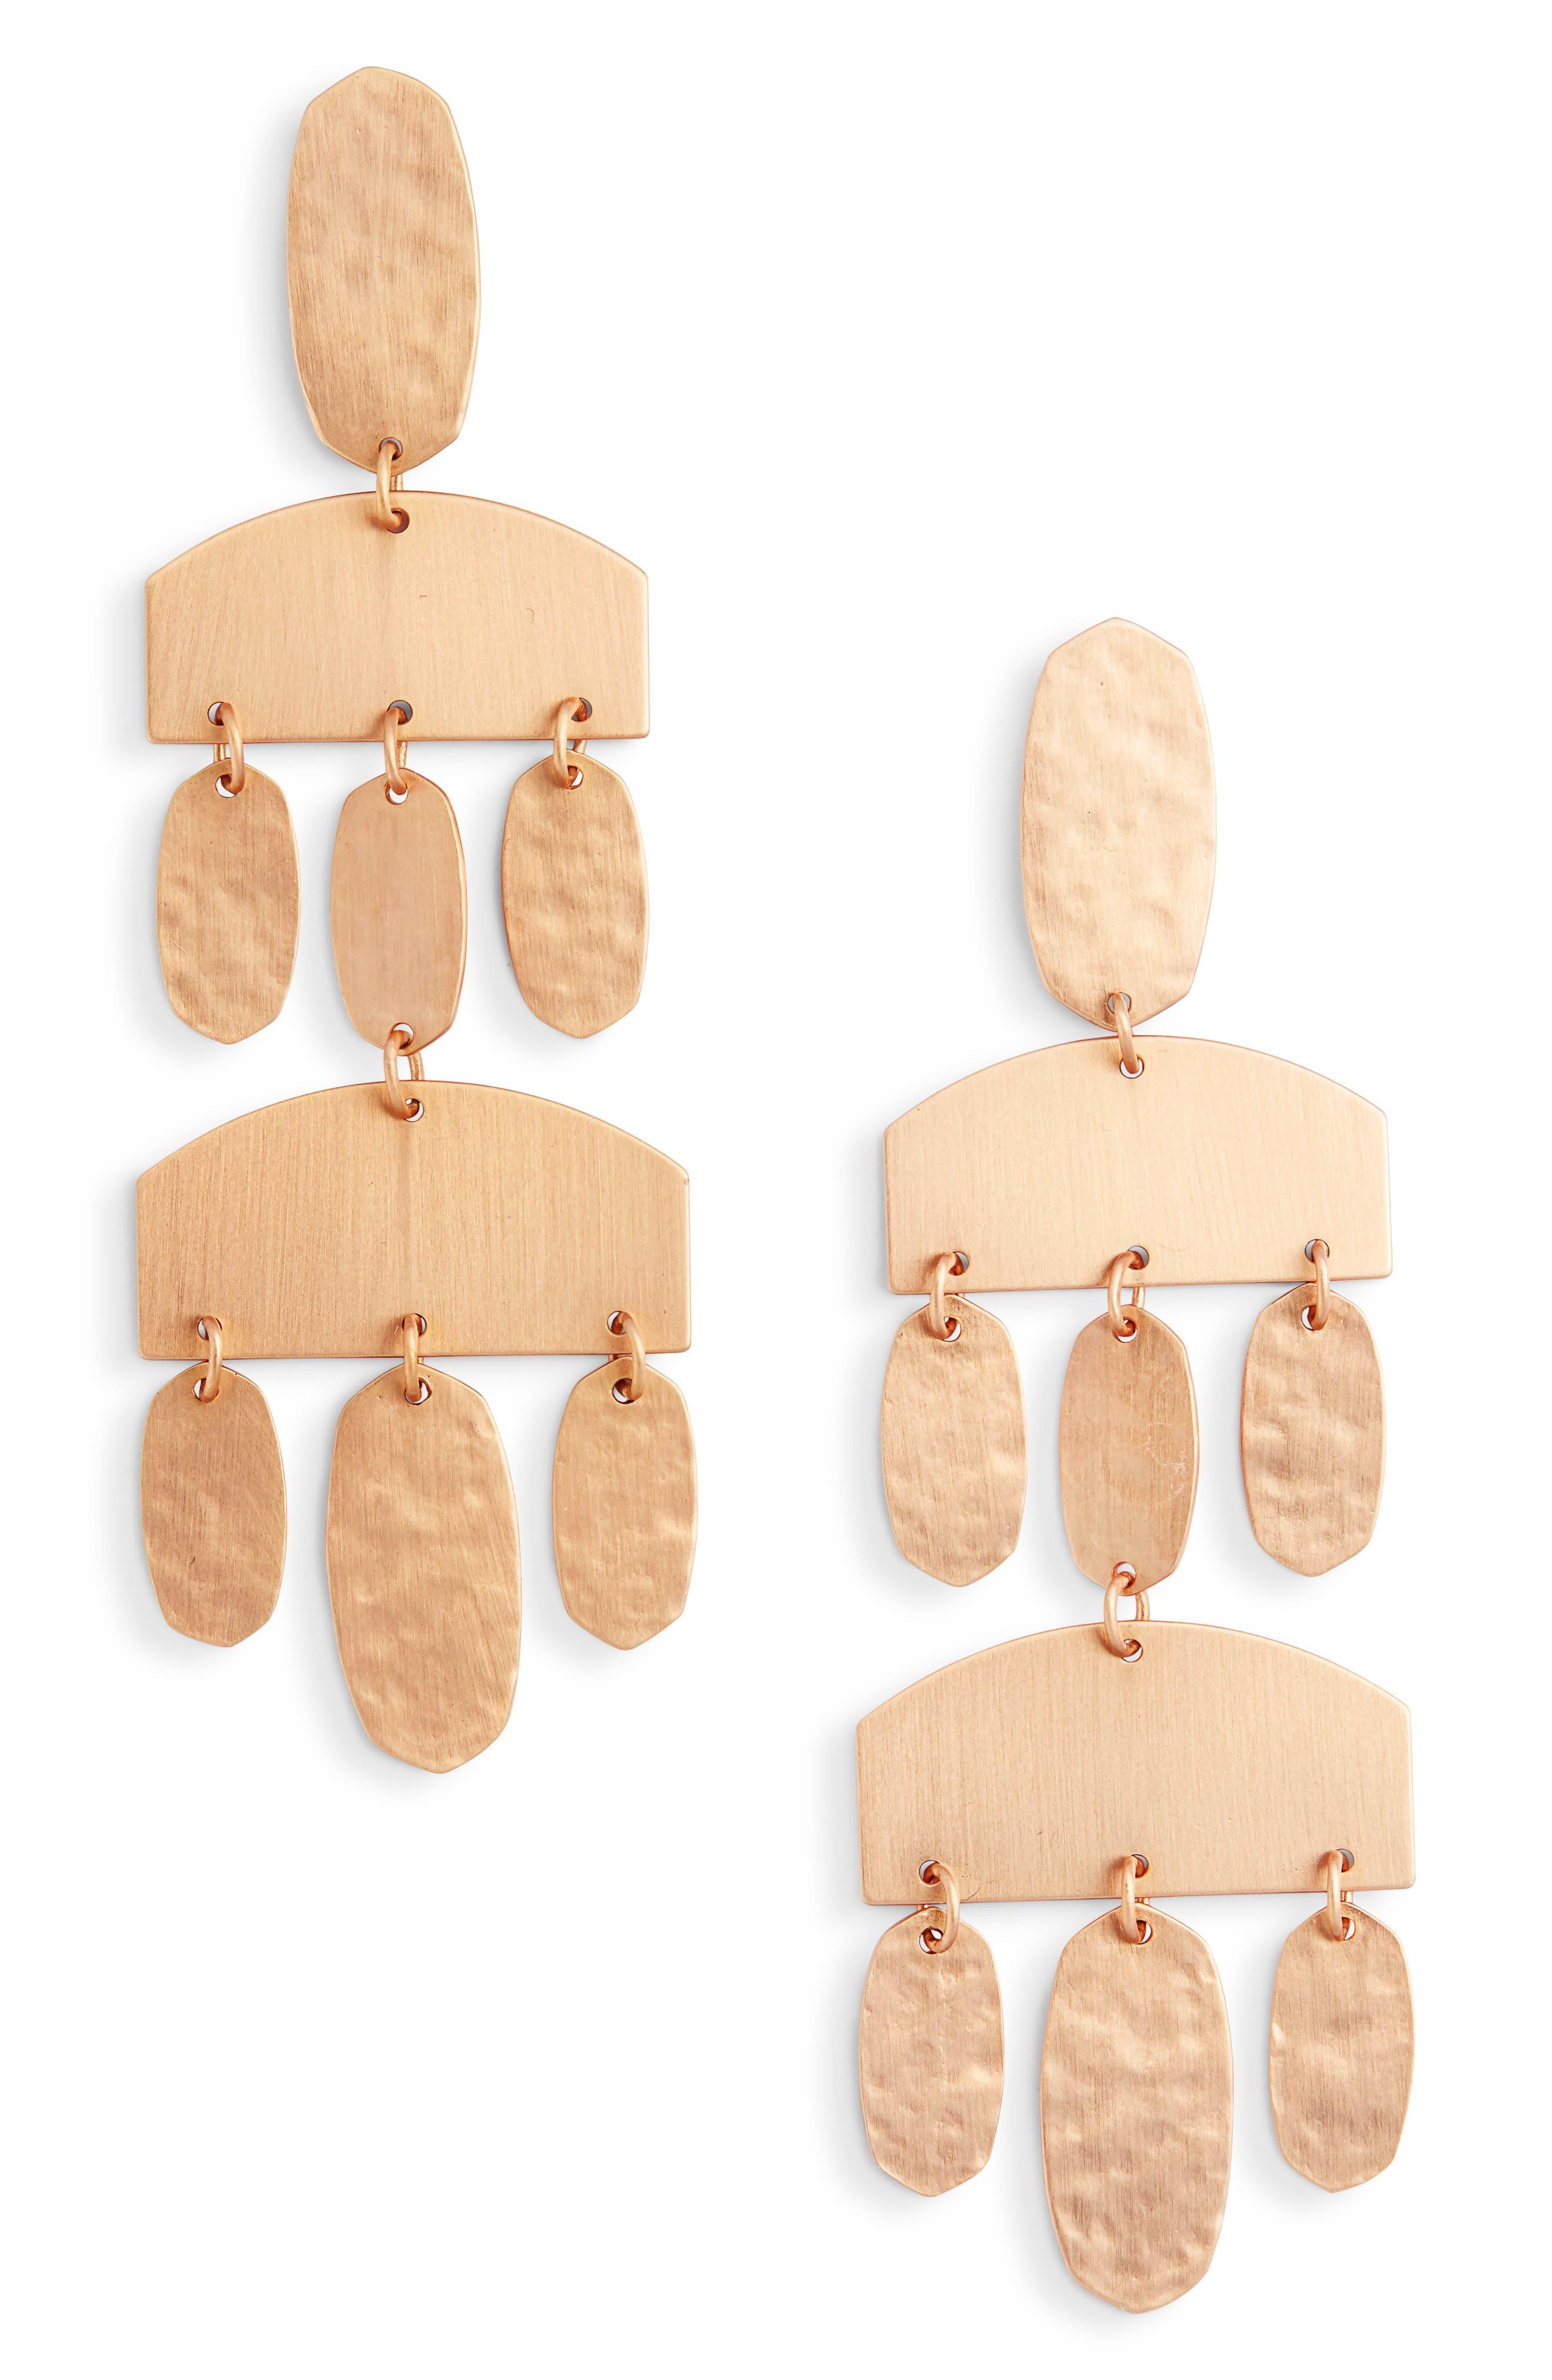 Kendra scott emmet chandelier earrings rose gold modesens kendra scott emmet chandelier earrings rose gold arubaitofo Images